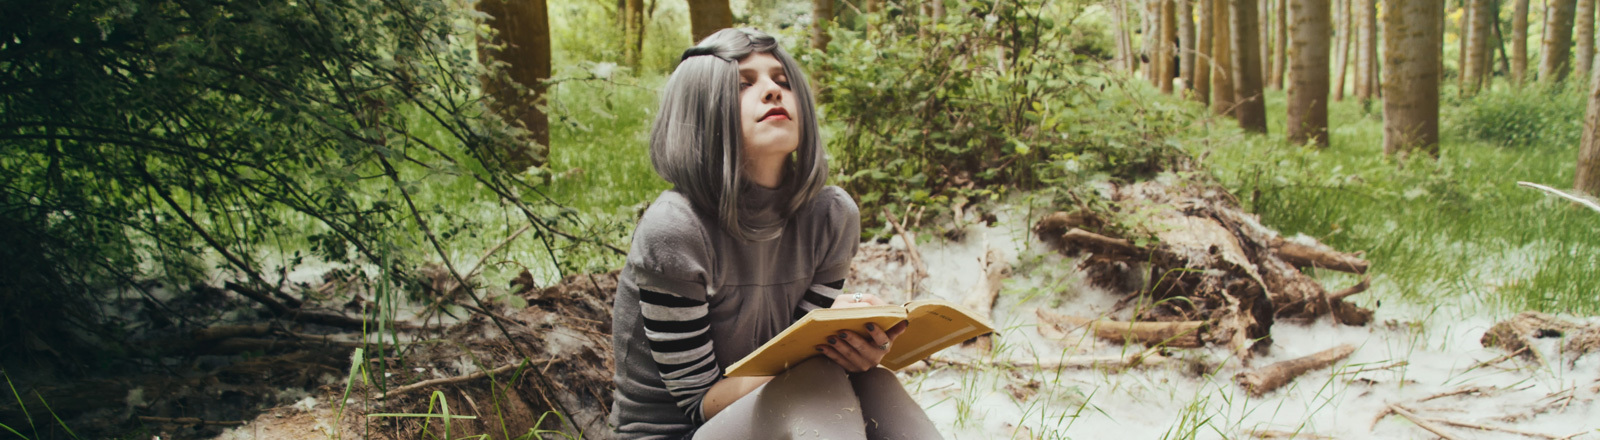 Eine junge Frau im Wald liest ein Buch.